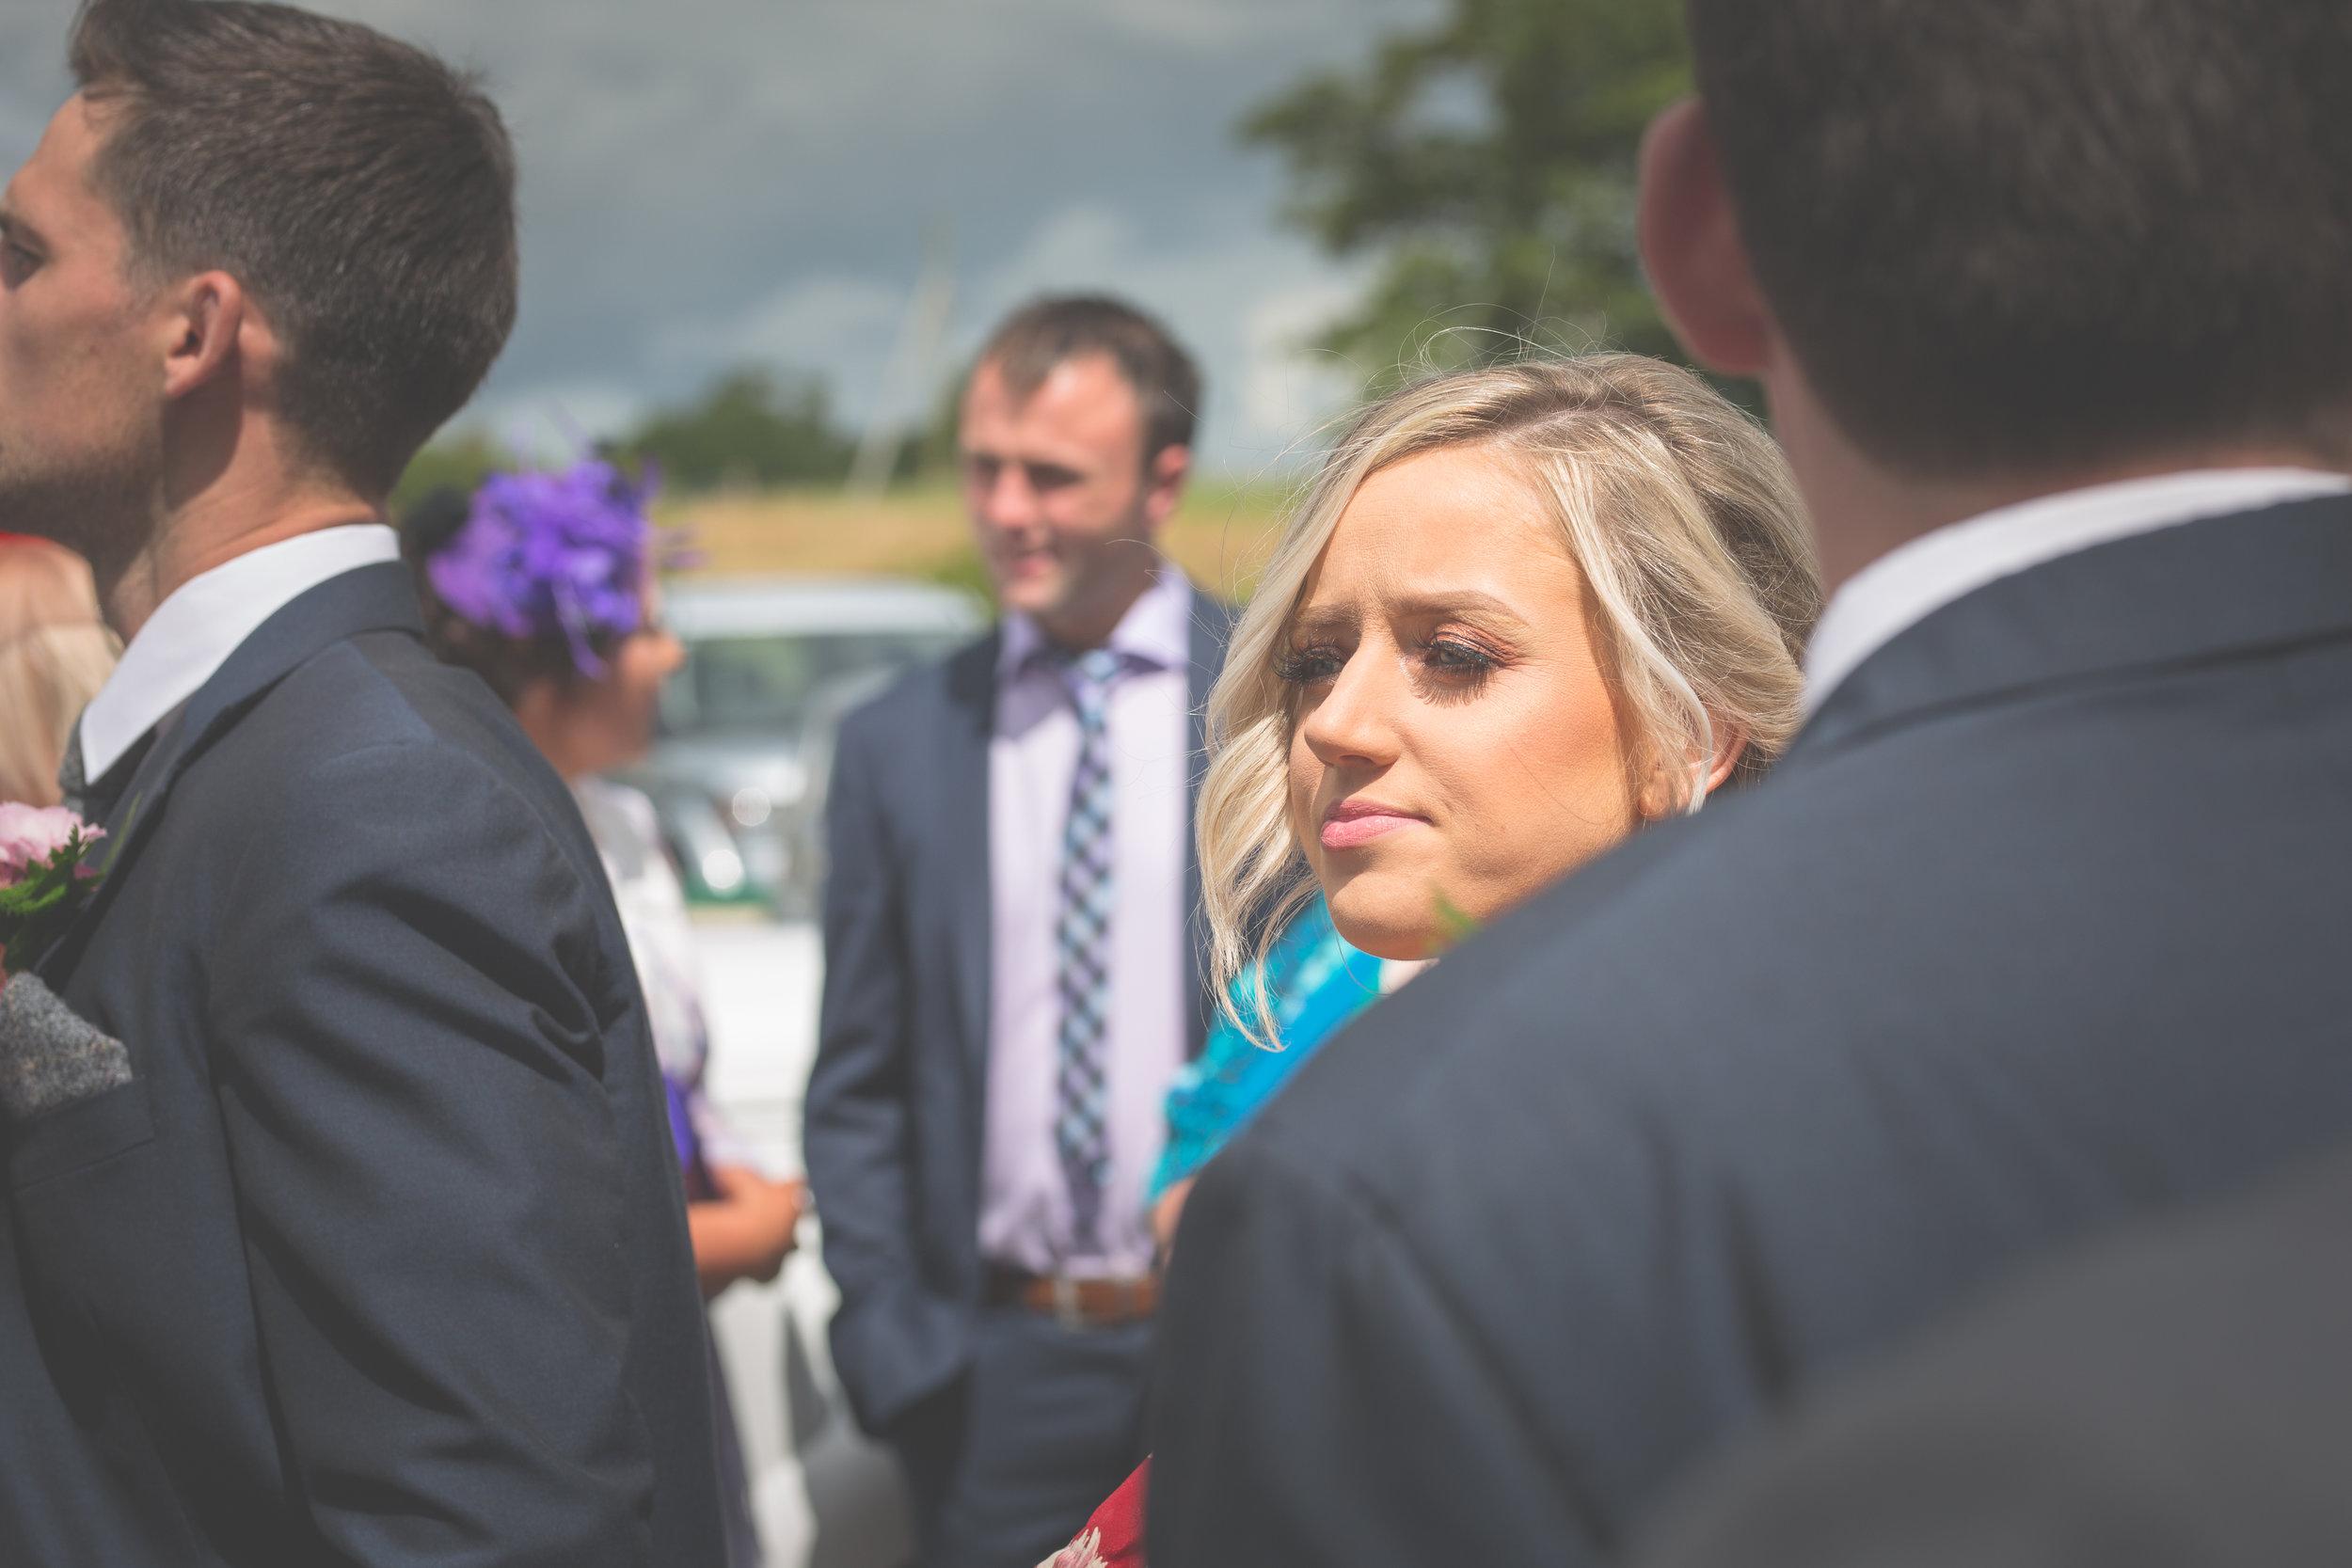 Brian McEwan Wedding Photography   Carol-Anne & Sean   The Ceremony-123.jpg